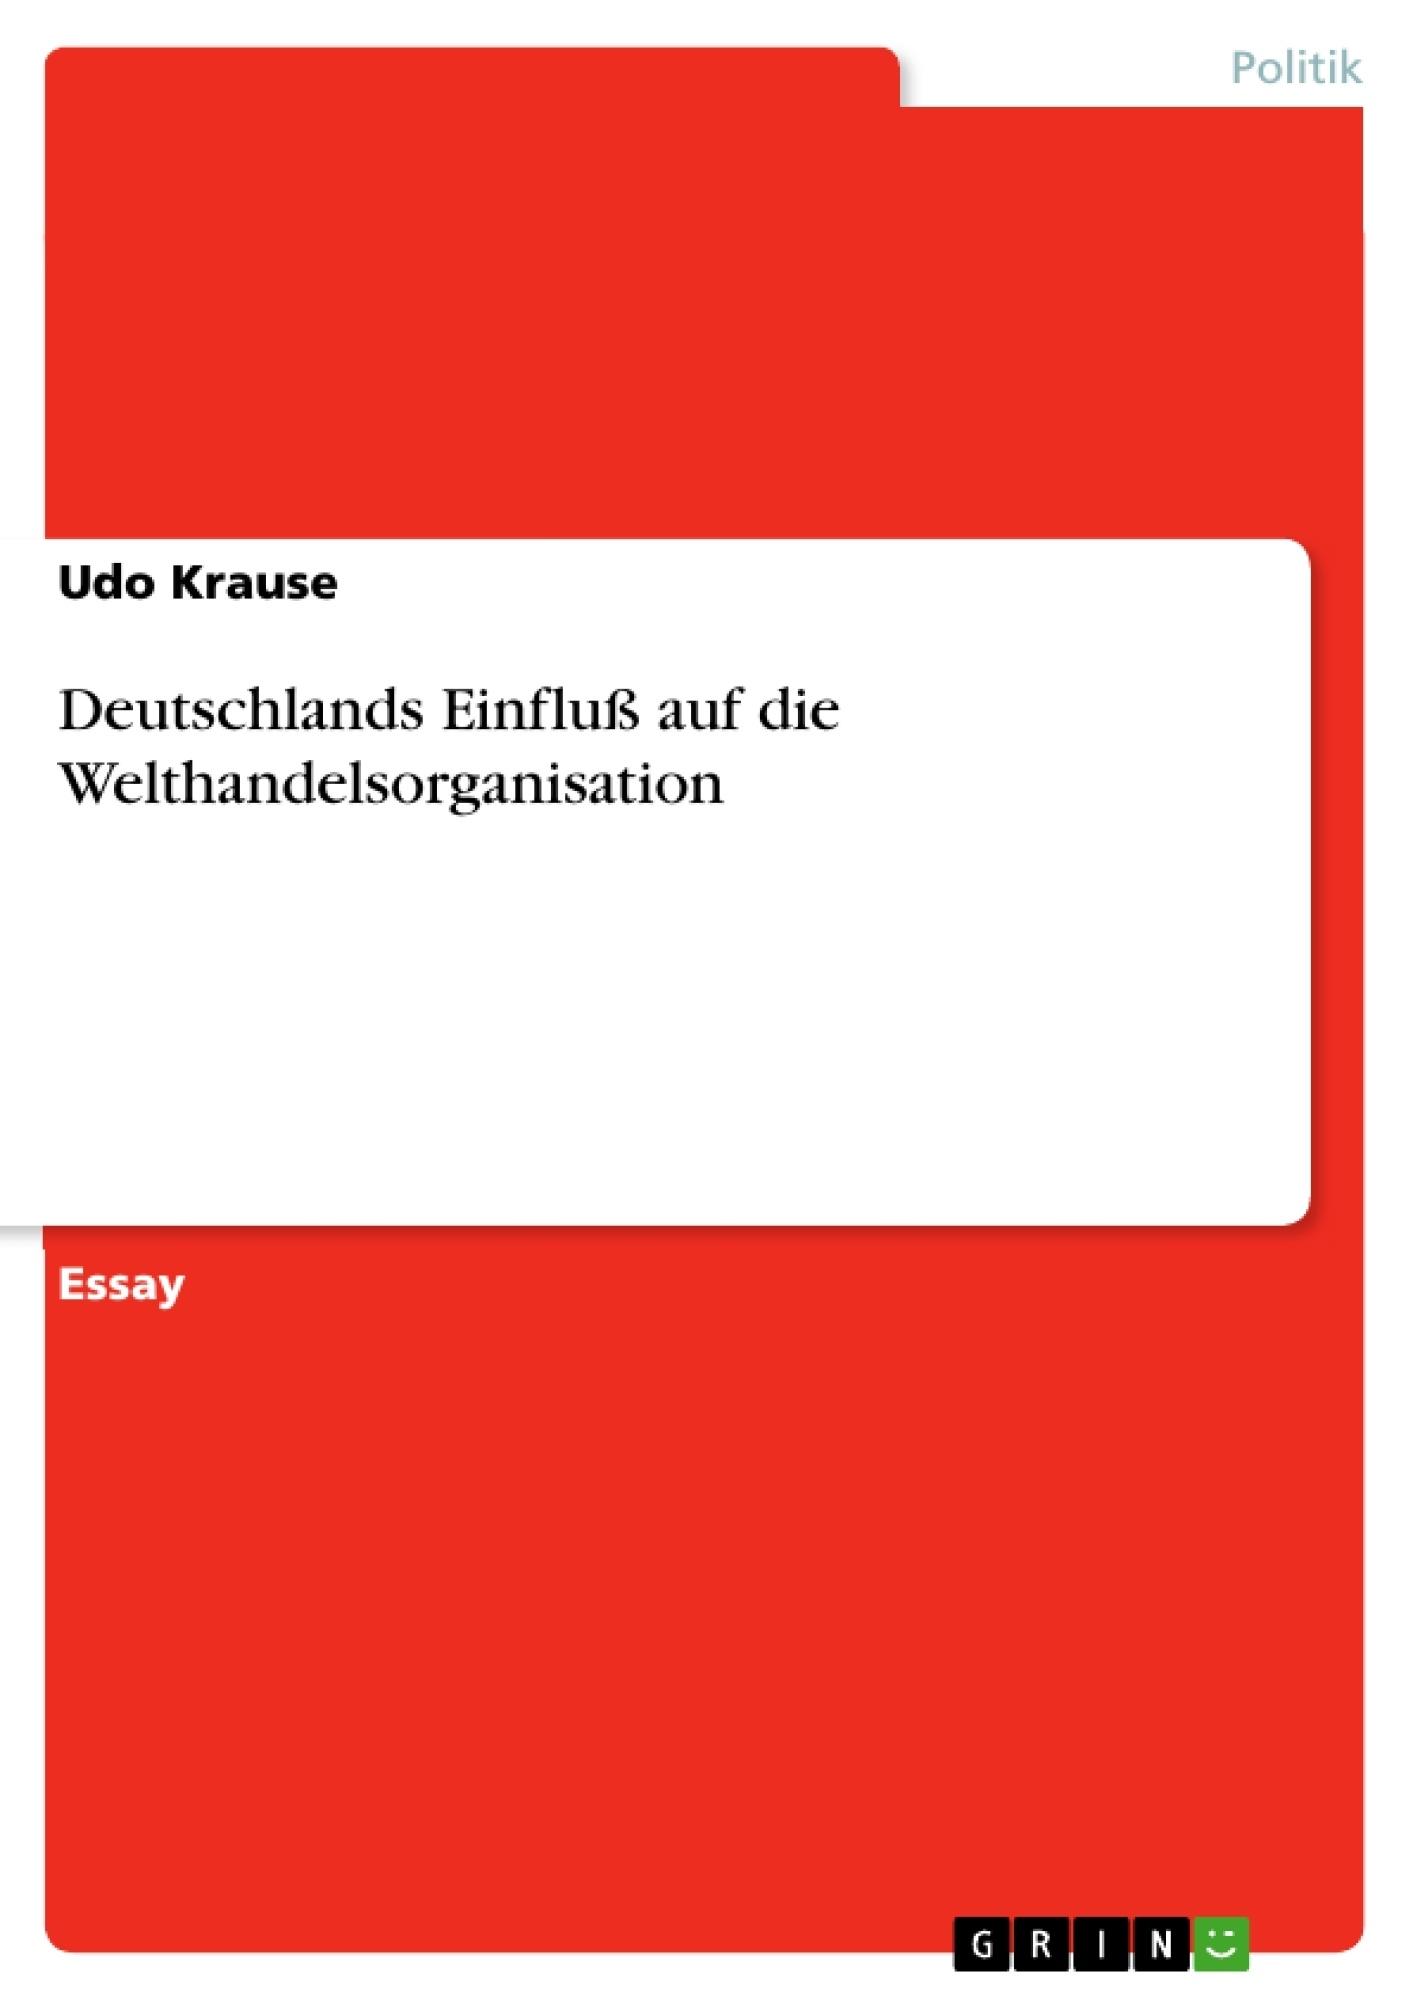 Titel: Deutschlands Einfluß auf die Welthandelsorganisation